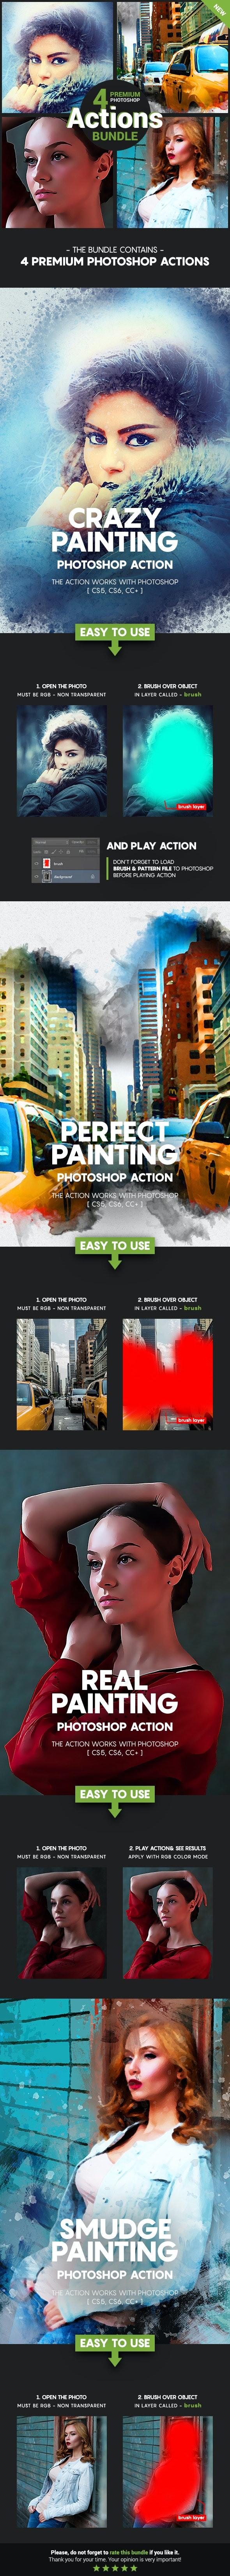 4 Premium Photoshop Actions Bundle - March19 #2 - Photo Effects Actions